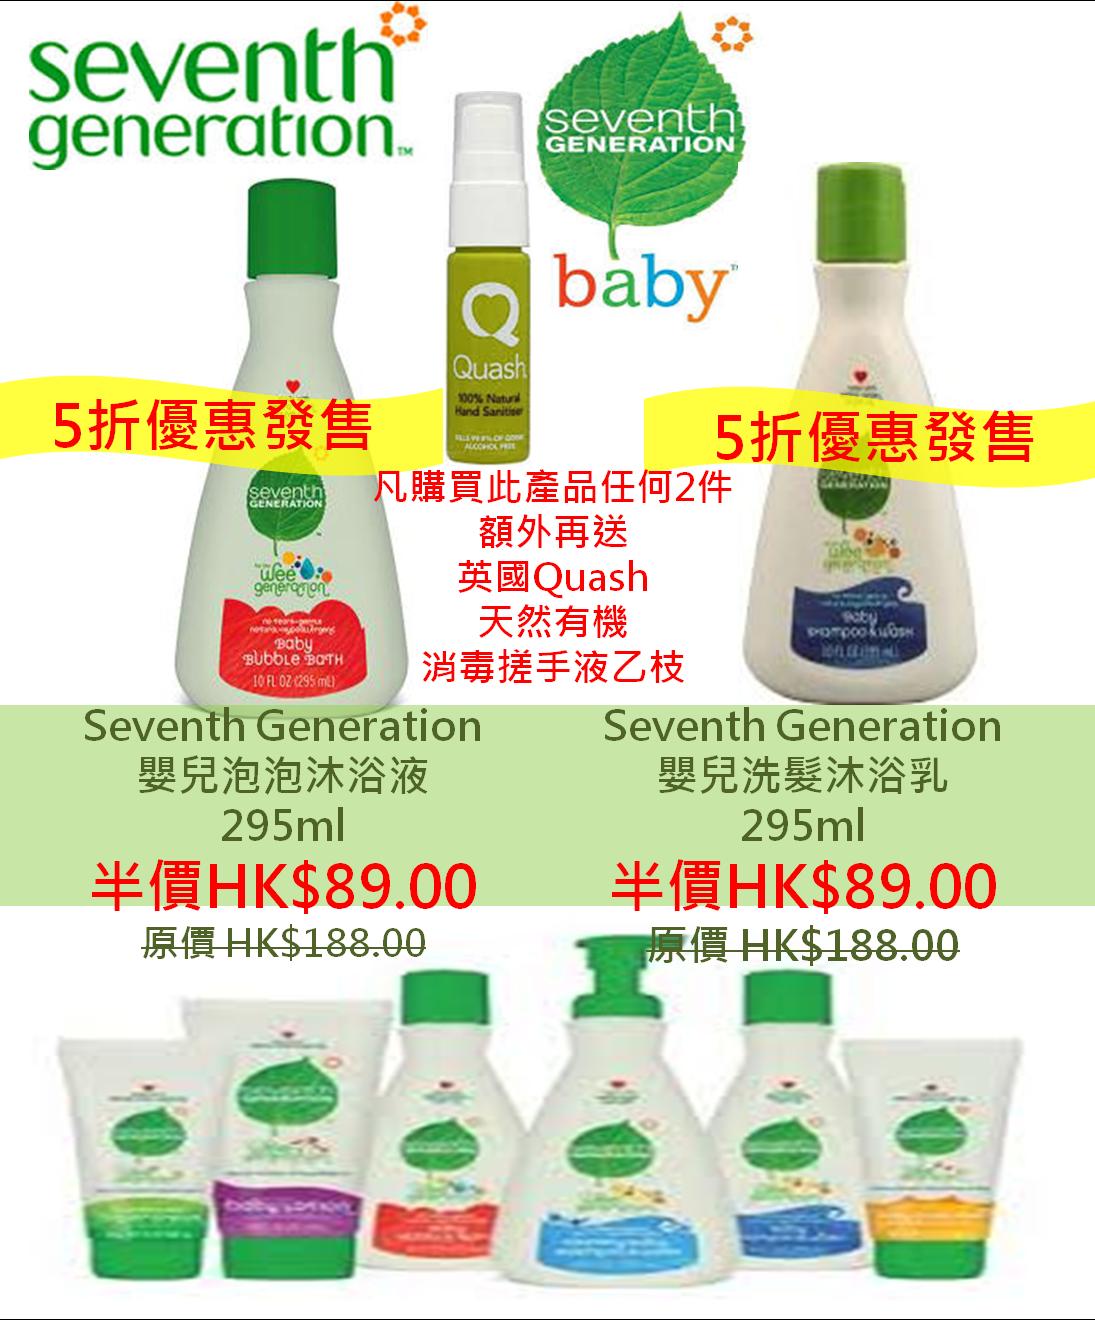 精選七世代嬰兒產品5折特價發售